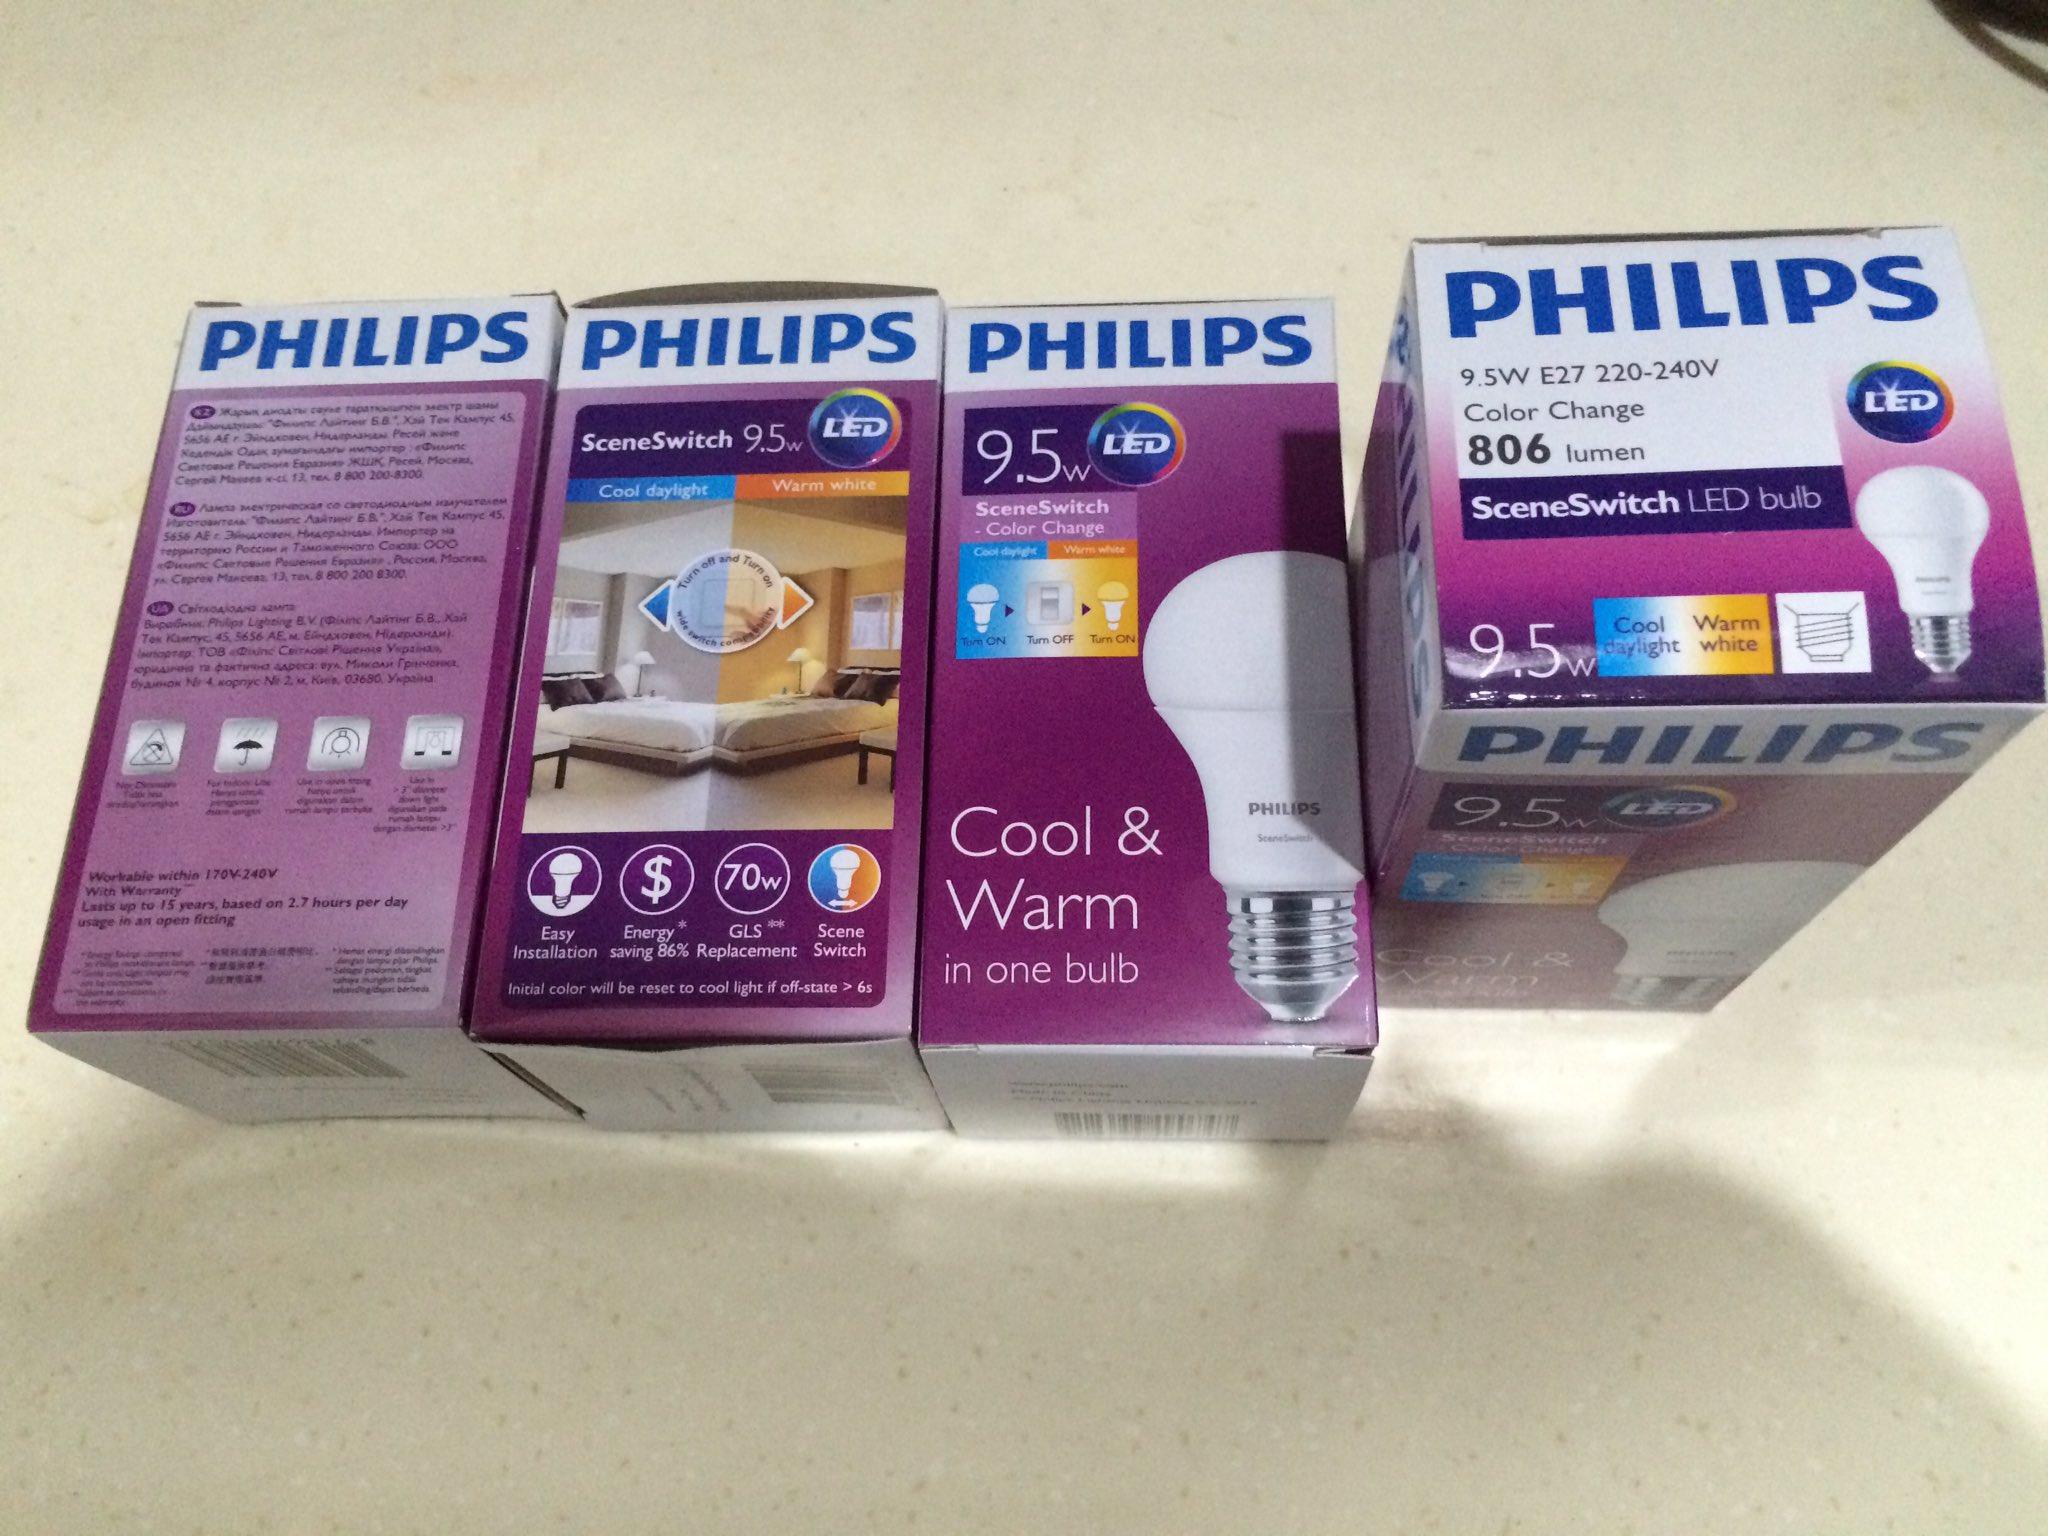 مهندس كهرباء جدة Pa Twitter لمبات إنارة ليد Led من شركة فيليبس Philips وجدتها بأشكال ومواصفات مختلفة سعدت بوجودها واشتريت منها لتجربتها مقاطعة الإنارة الرديئة Https T Co Kxhva2mskq